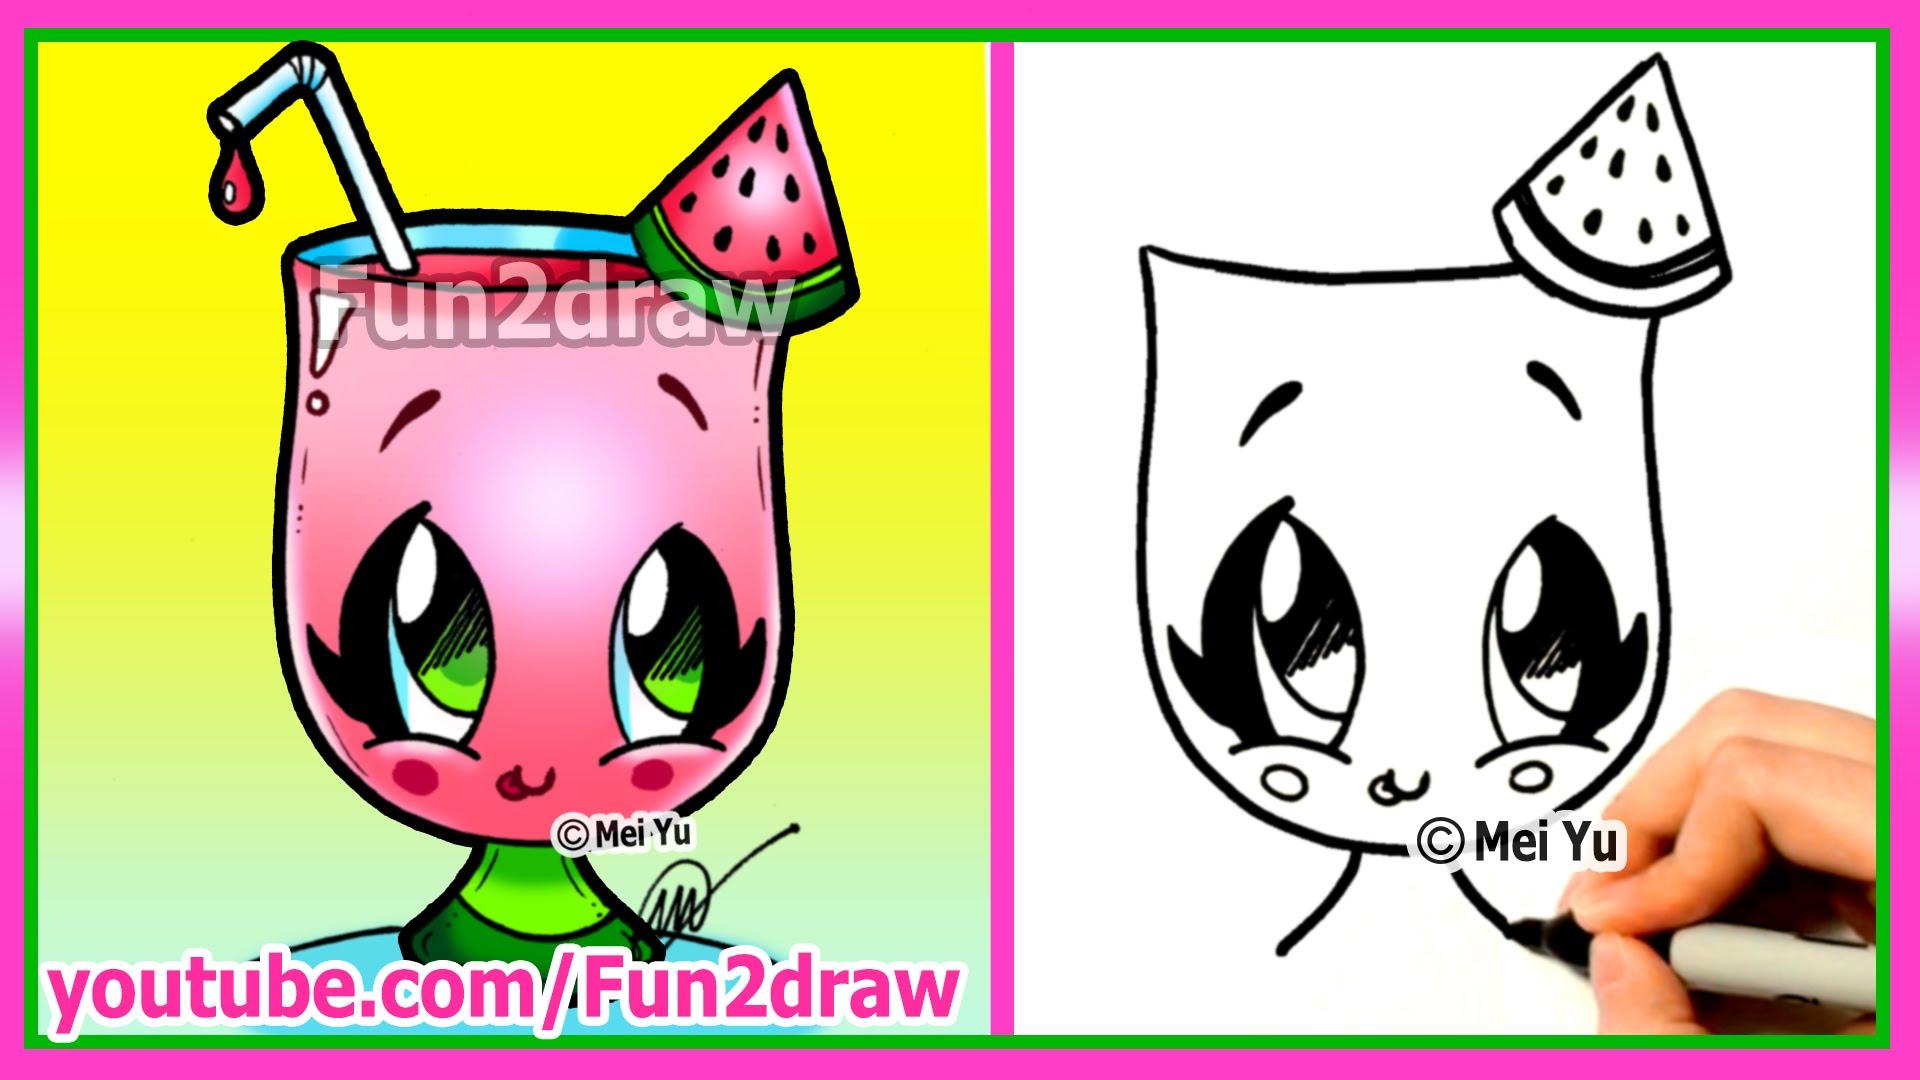 Drawn strawberry fun2draw Watermelon Easy Cartoons Cartoons Cute